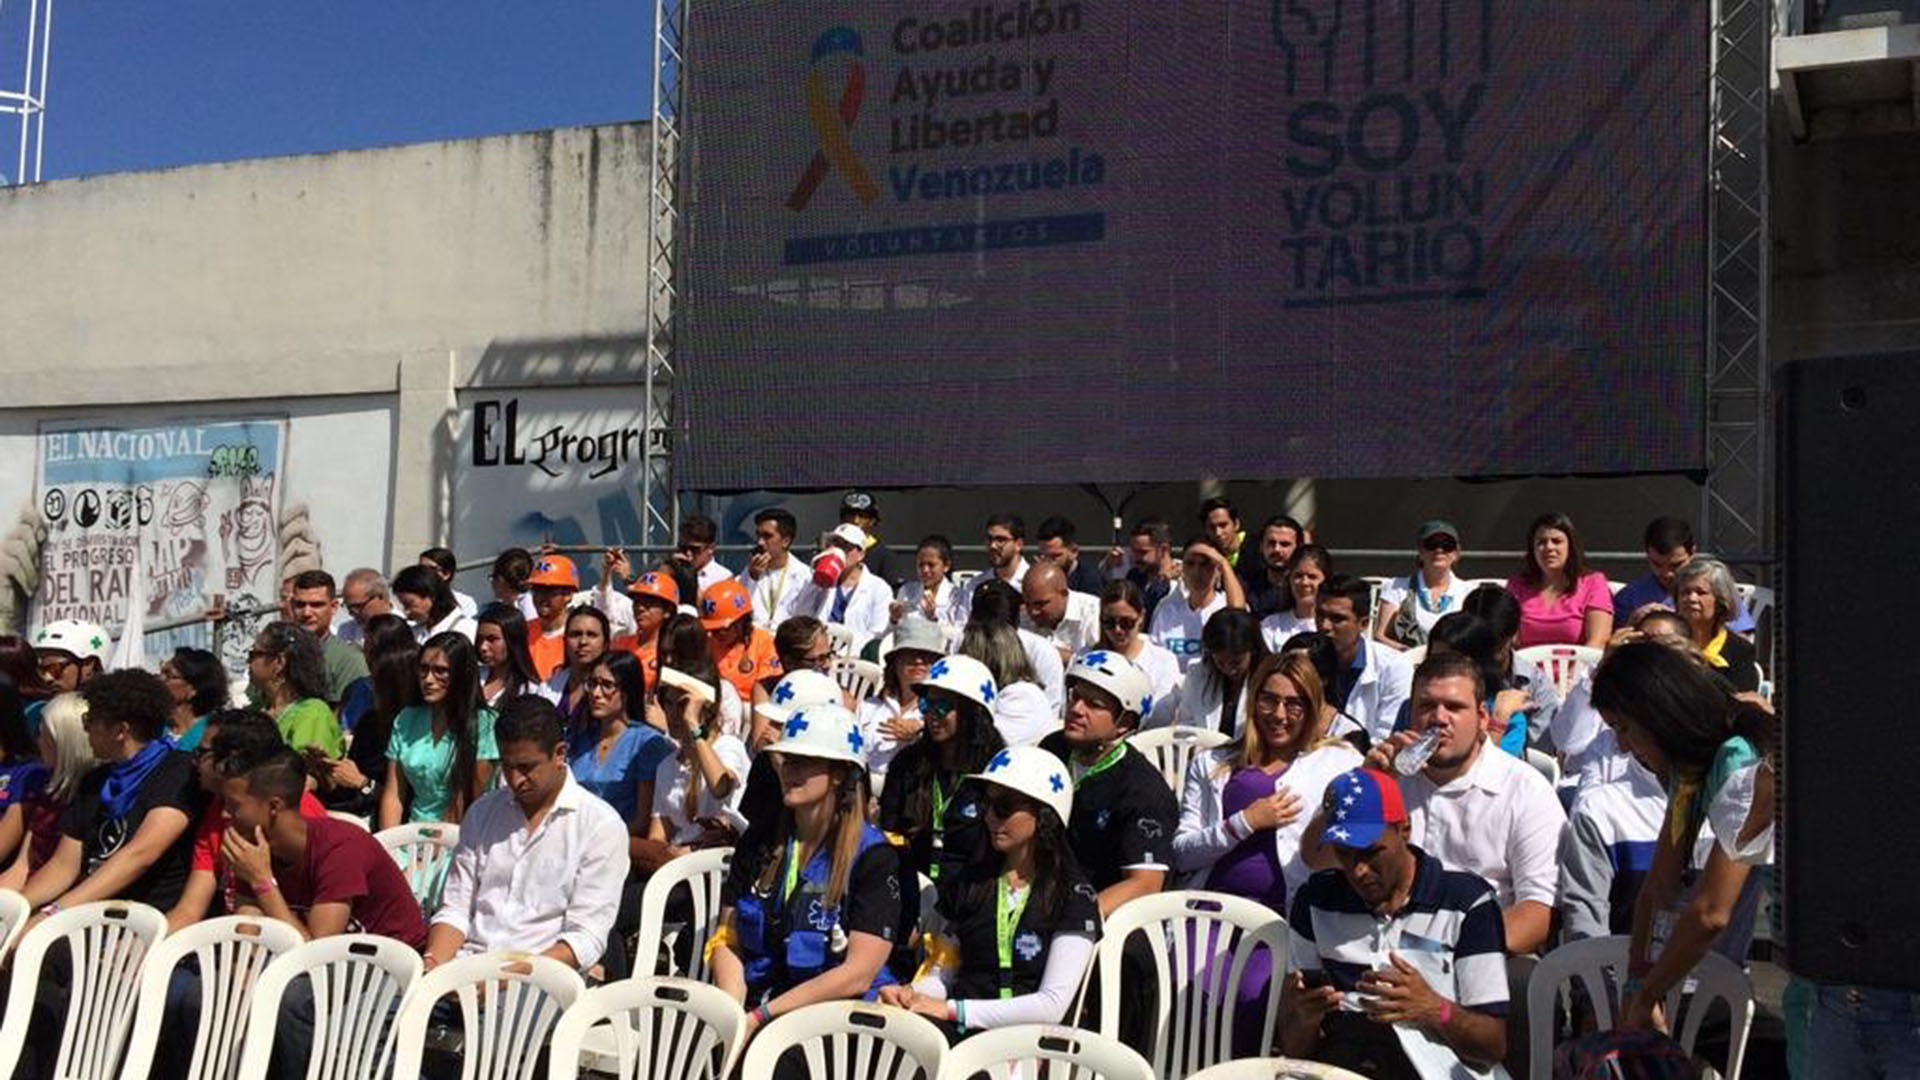 Los voluntarios ya comenzaron a recibir capacitación para la entrega y distribución de ayuda